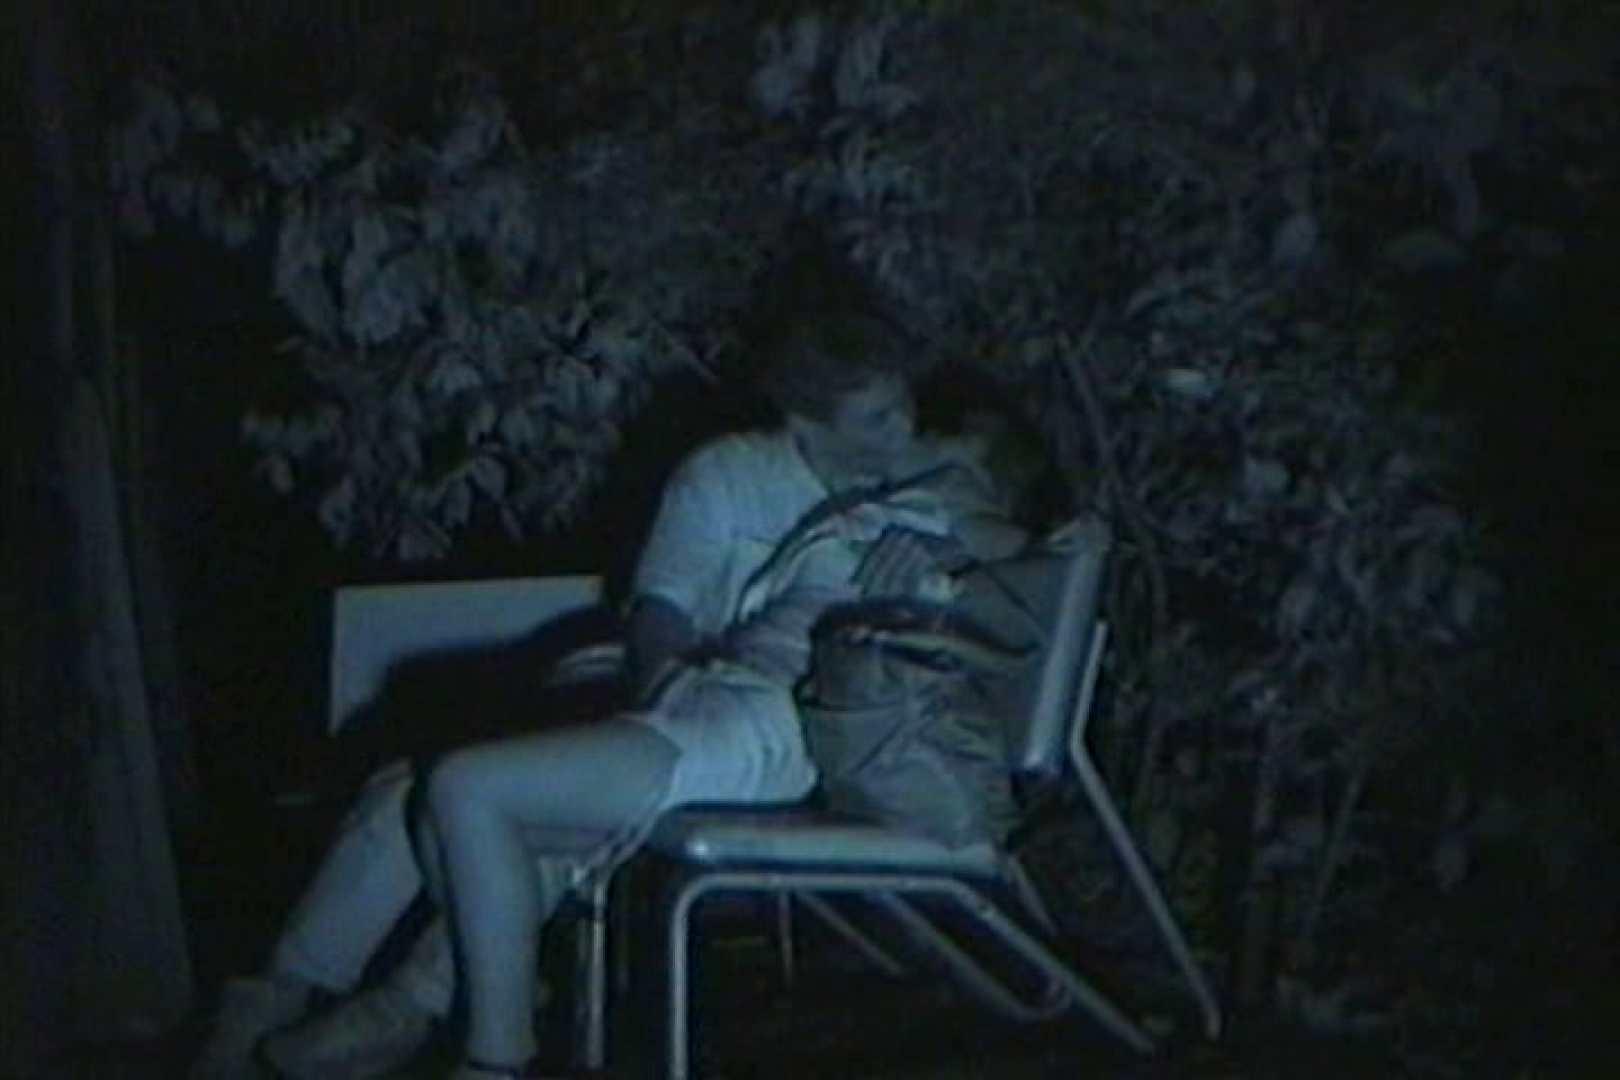 闇の仕掛け人 無修正版 Vol.25 美しいOLの裸体  102pic 28